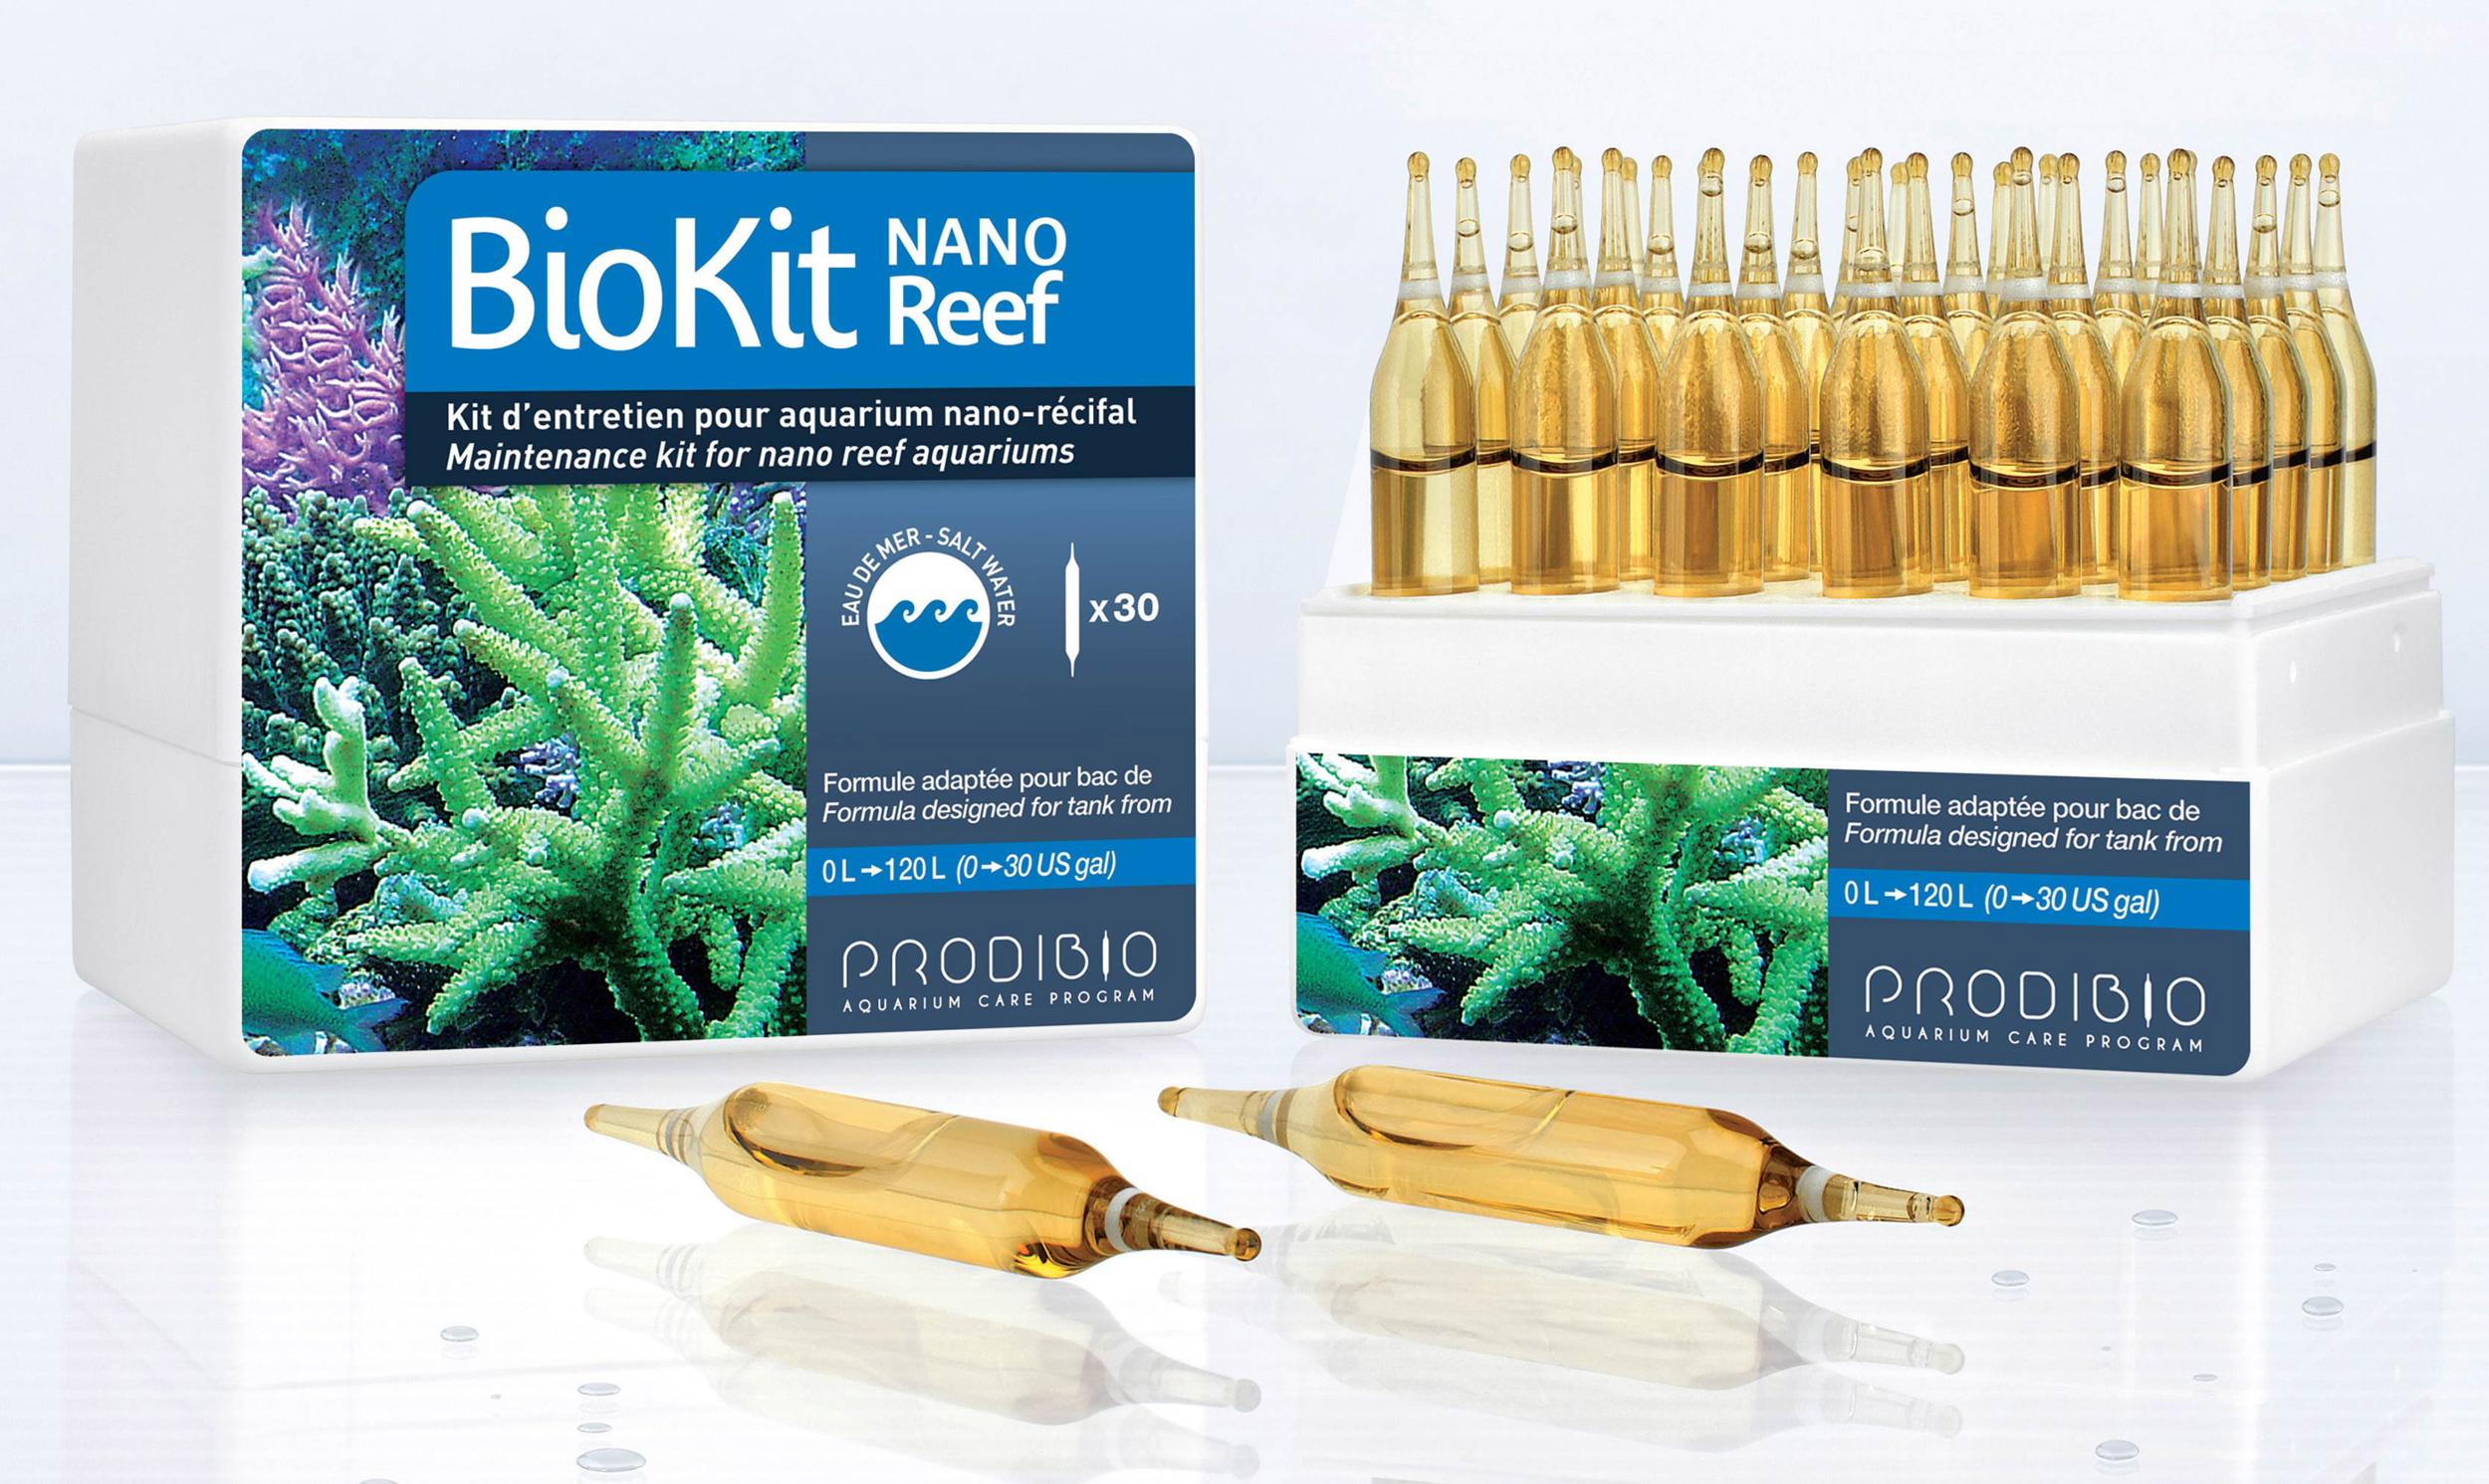 PRODIBIO BioKit Nano Reef 30 ampoules kit d\'entretien complet spécial nano récifs.